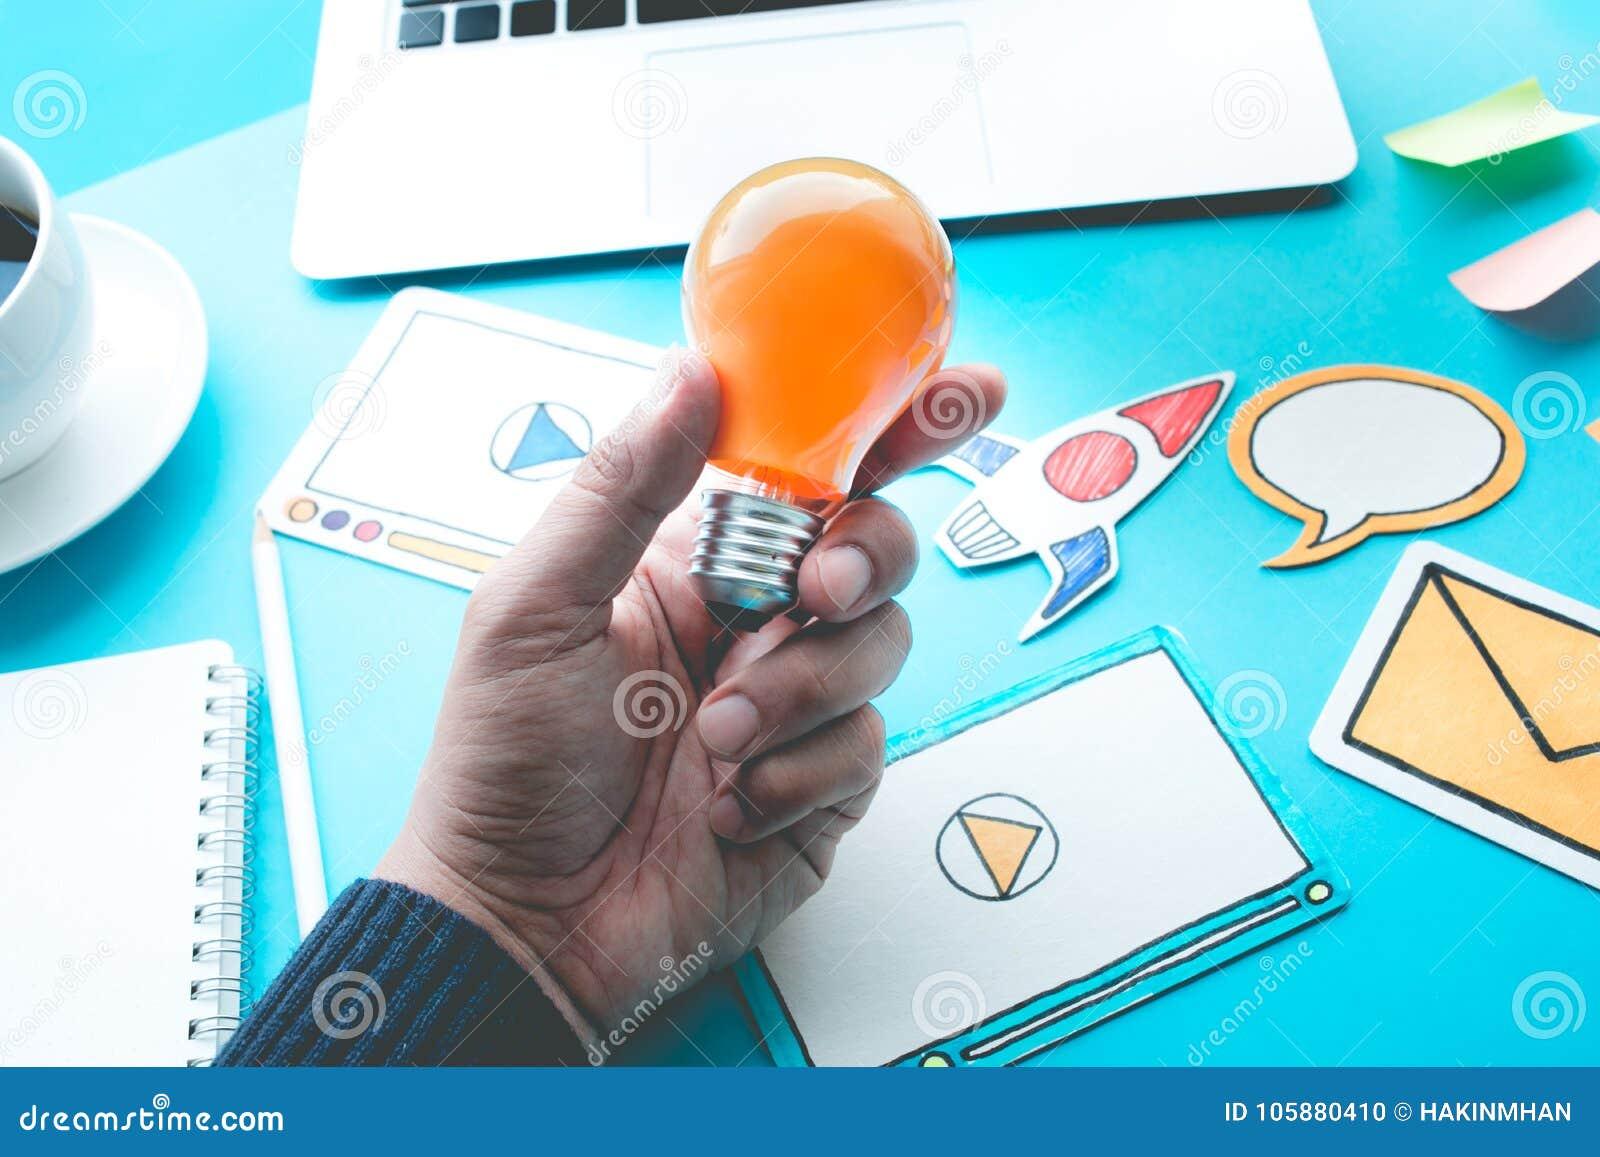 Comece acima conceitos da ideia com a ampola na mão masculina